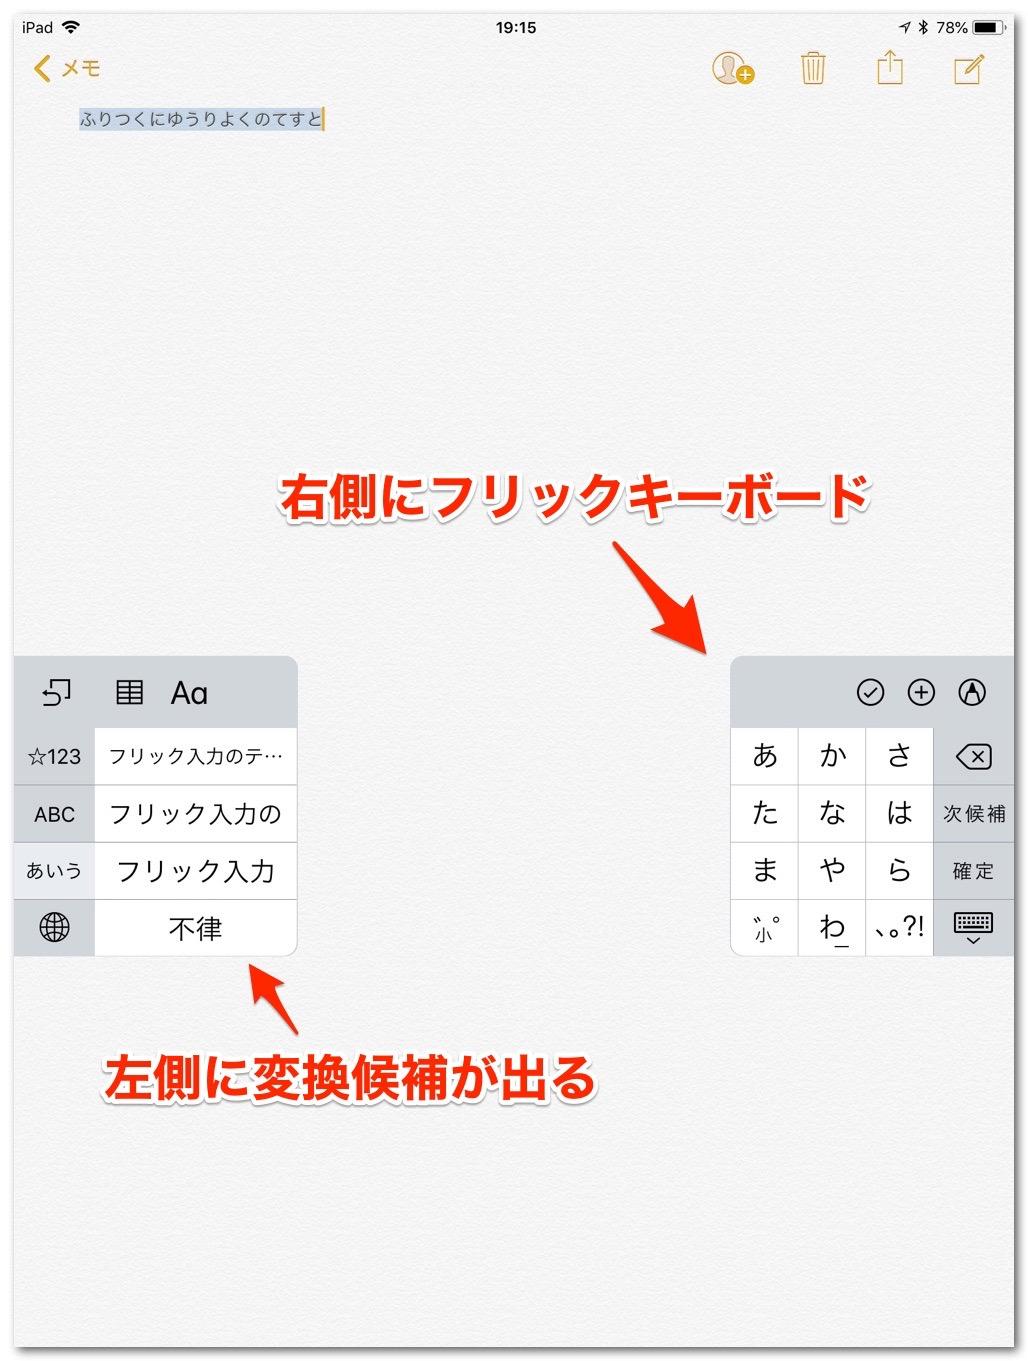 180519 ipad devided keyboard 01